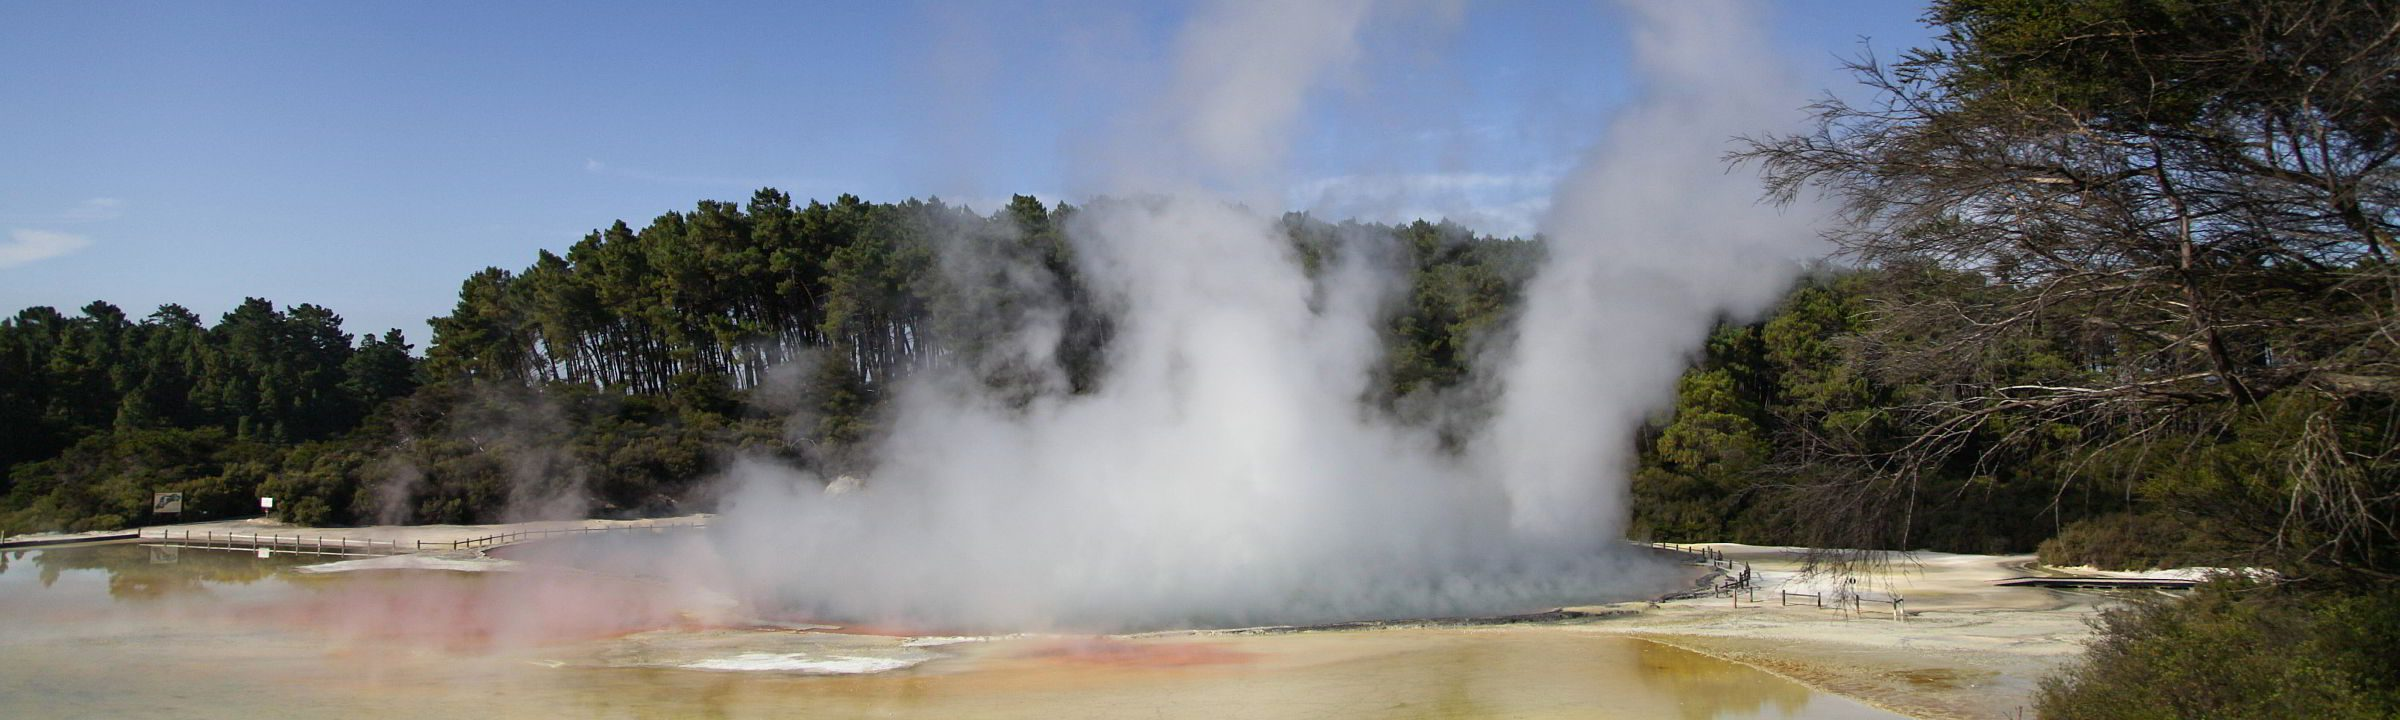 Heißer Dampf steigt in Wai-o-Tapu aus dem Erdinneren auf